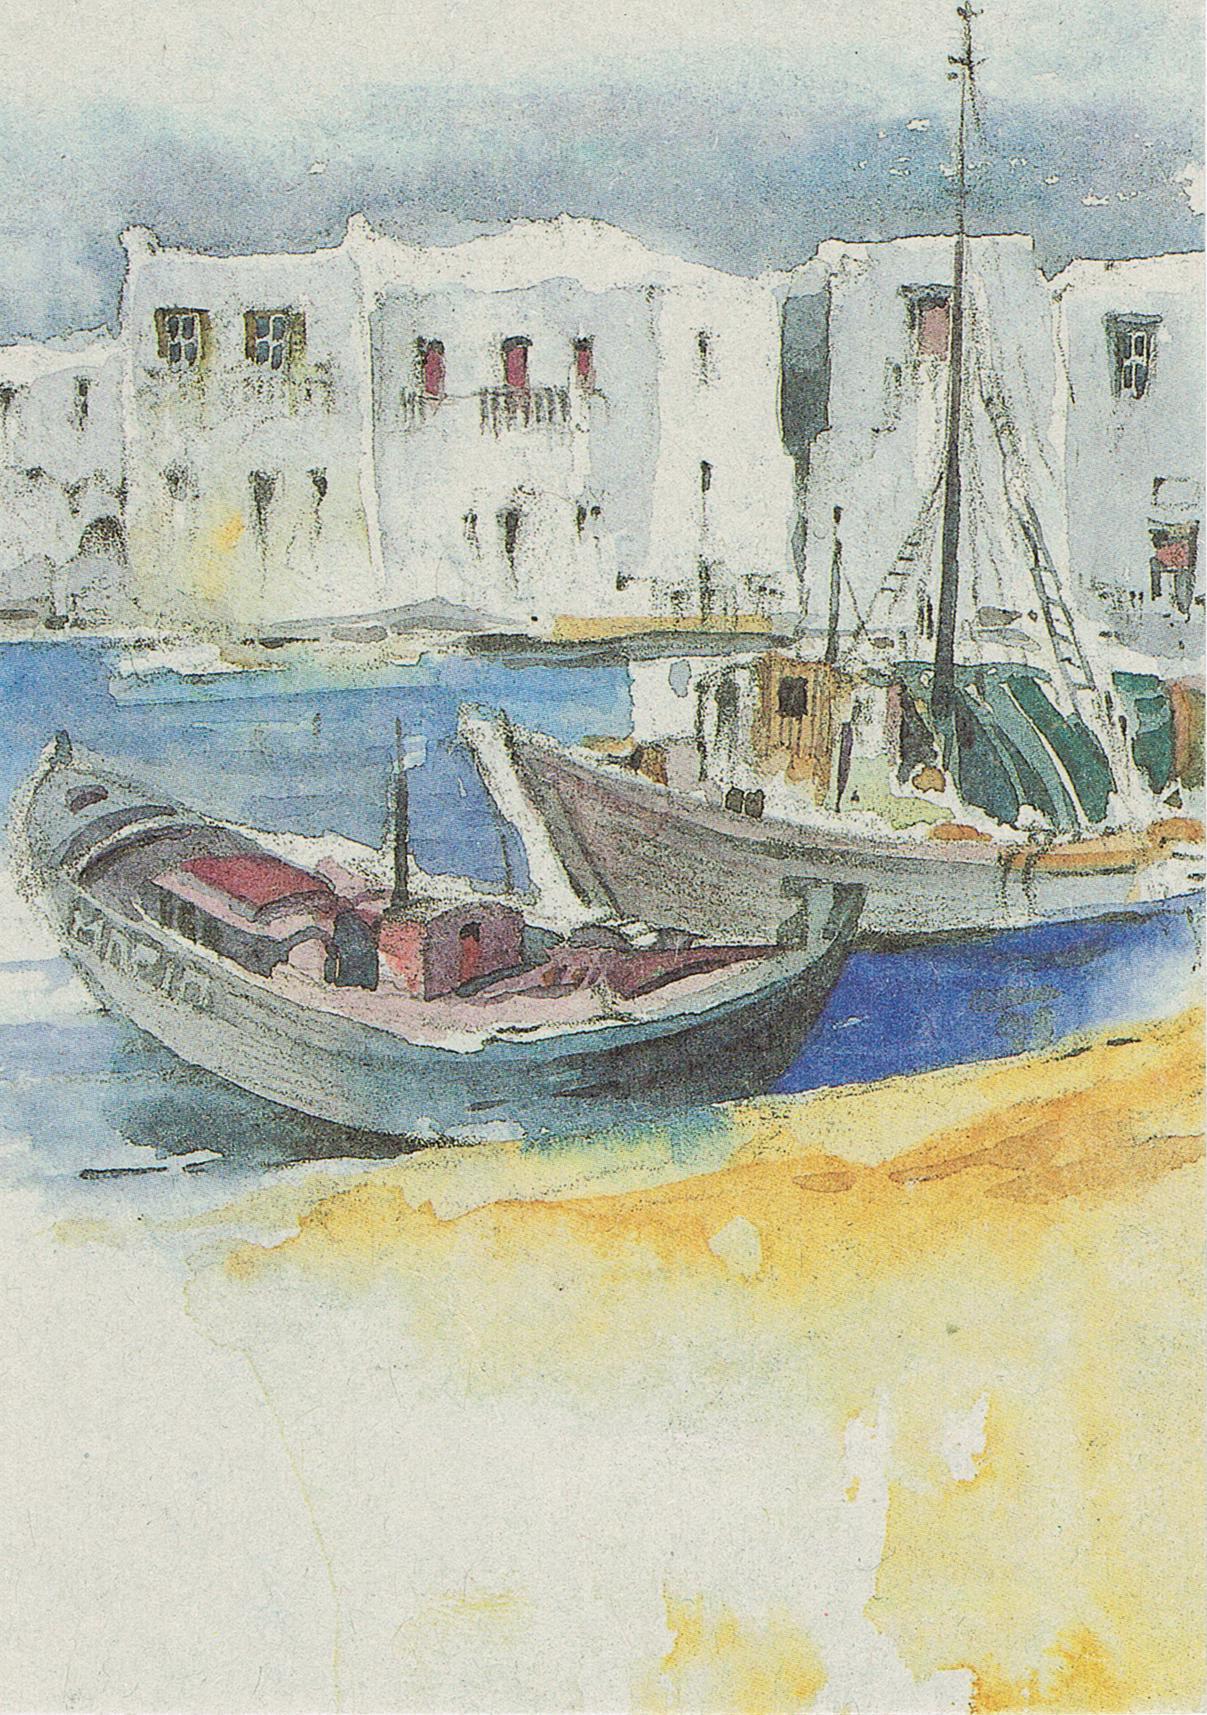 Aquarell: Boote am Strand aus Rostock